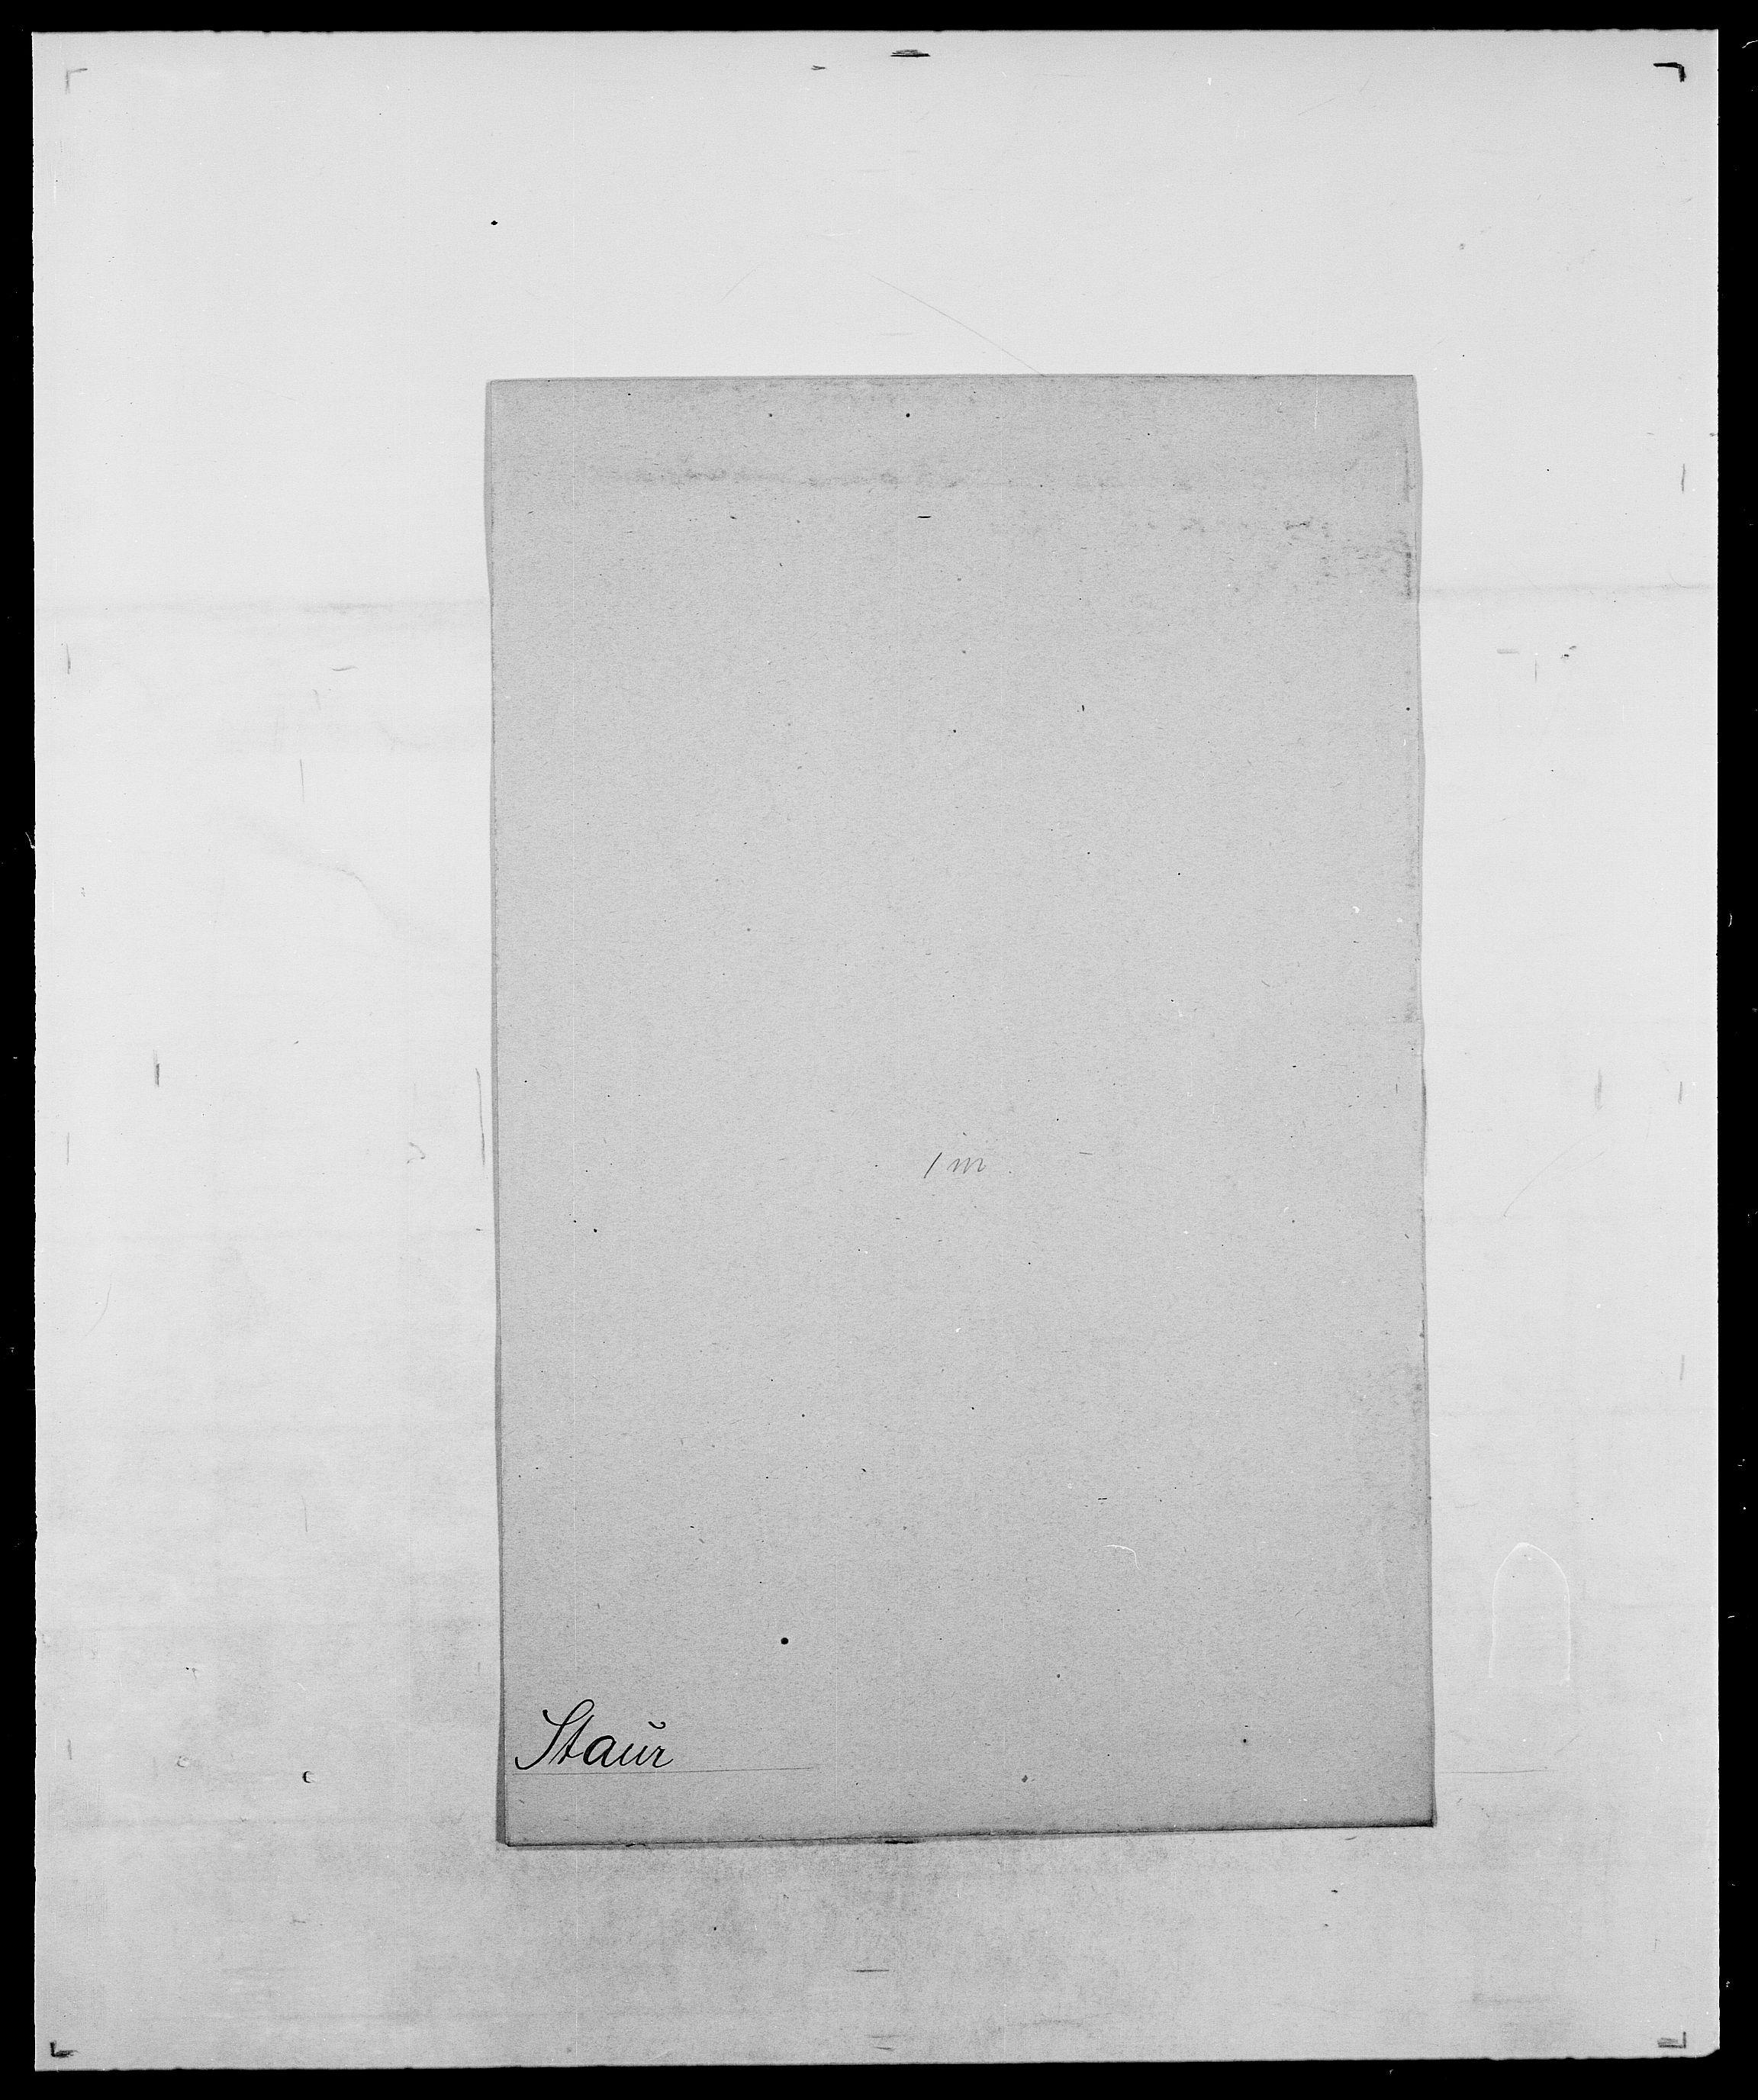 SAO, Delgobe, Charles Antoine - samling, D/Da/L0036: Skaanør - Staverskov, s. 999